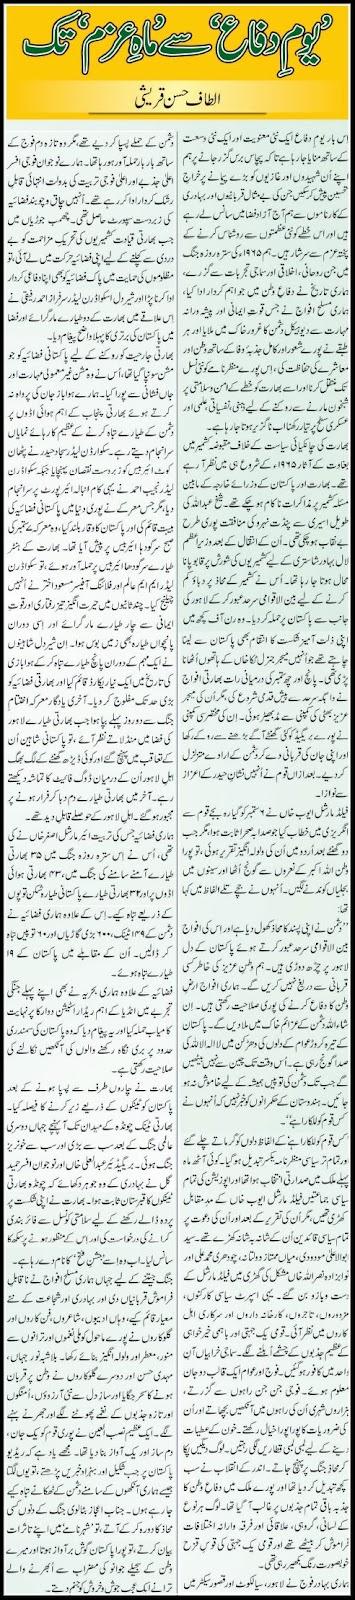 Youm-e-difa Say Mah-e-Azam Tak - Urdu Article - Shehar-e